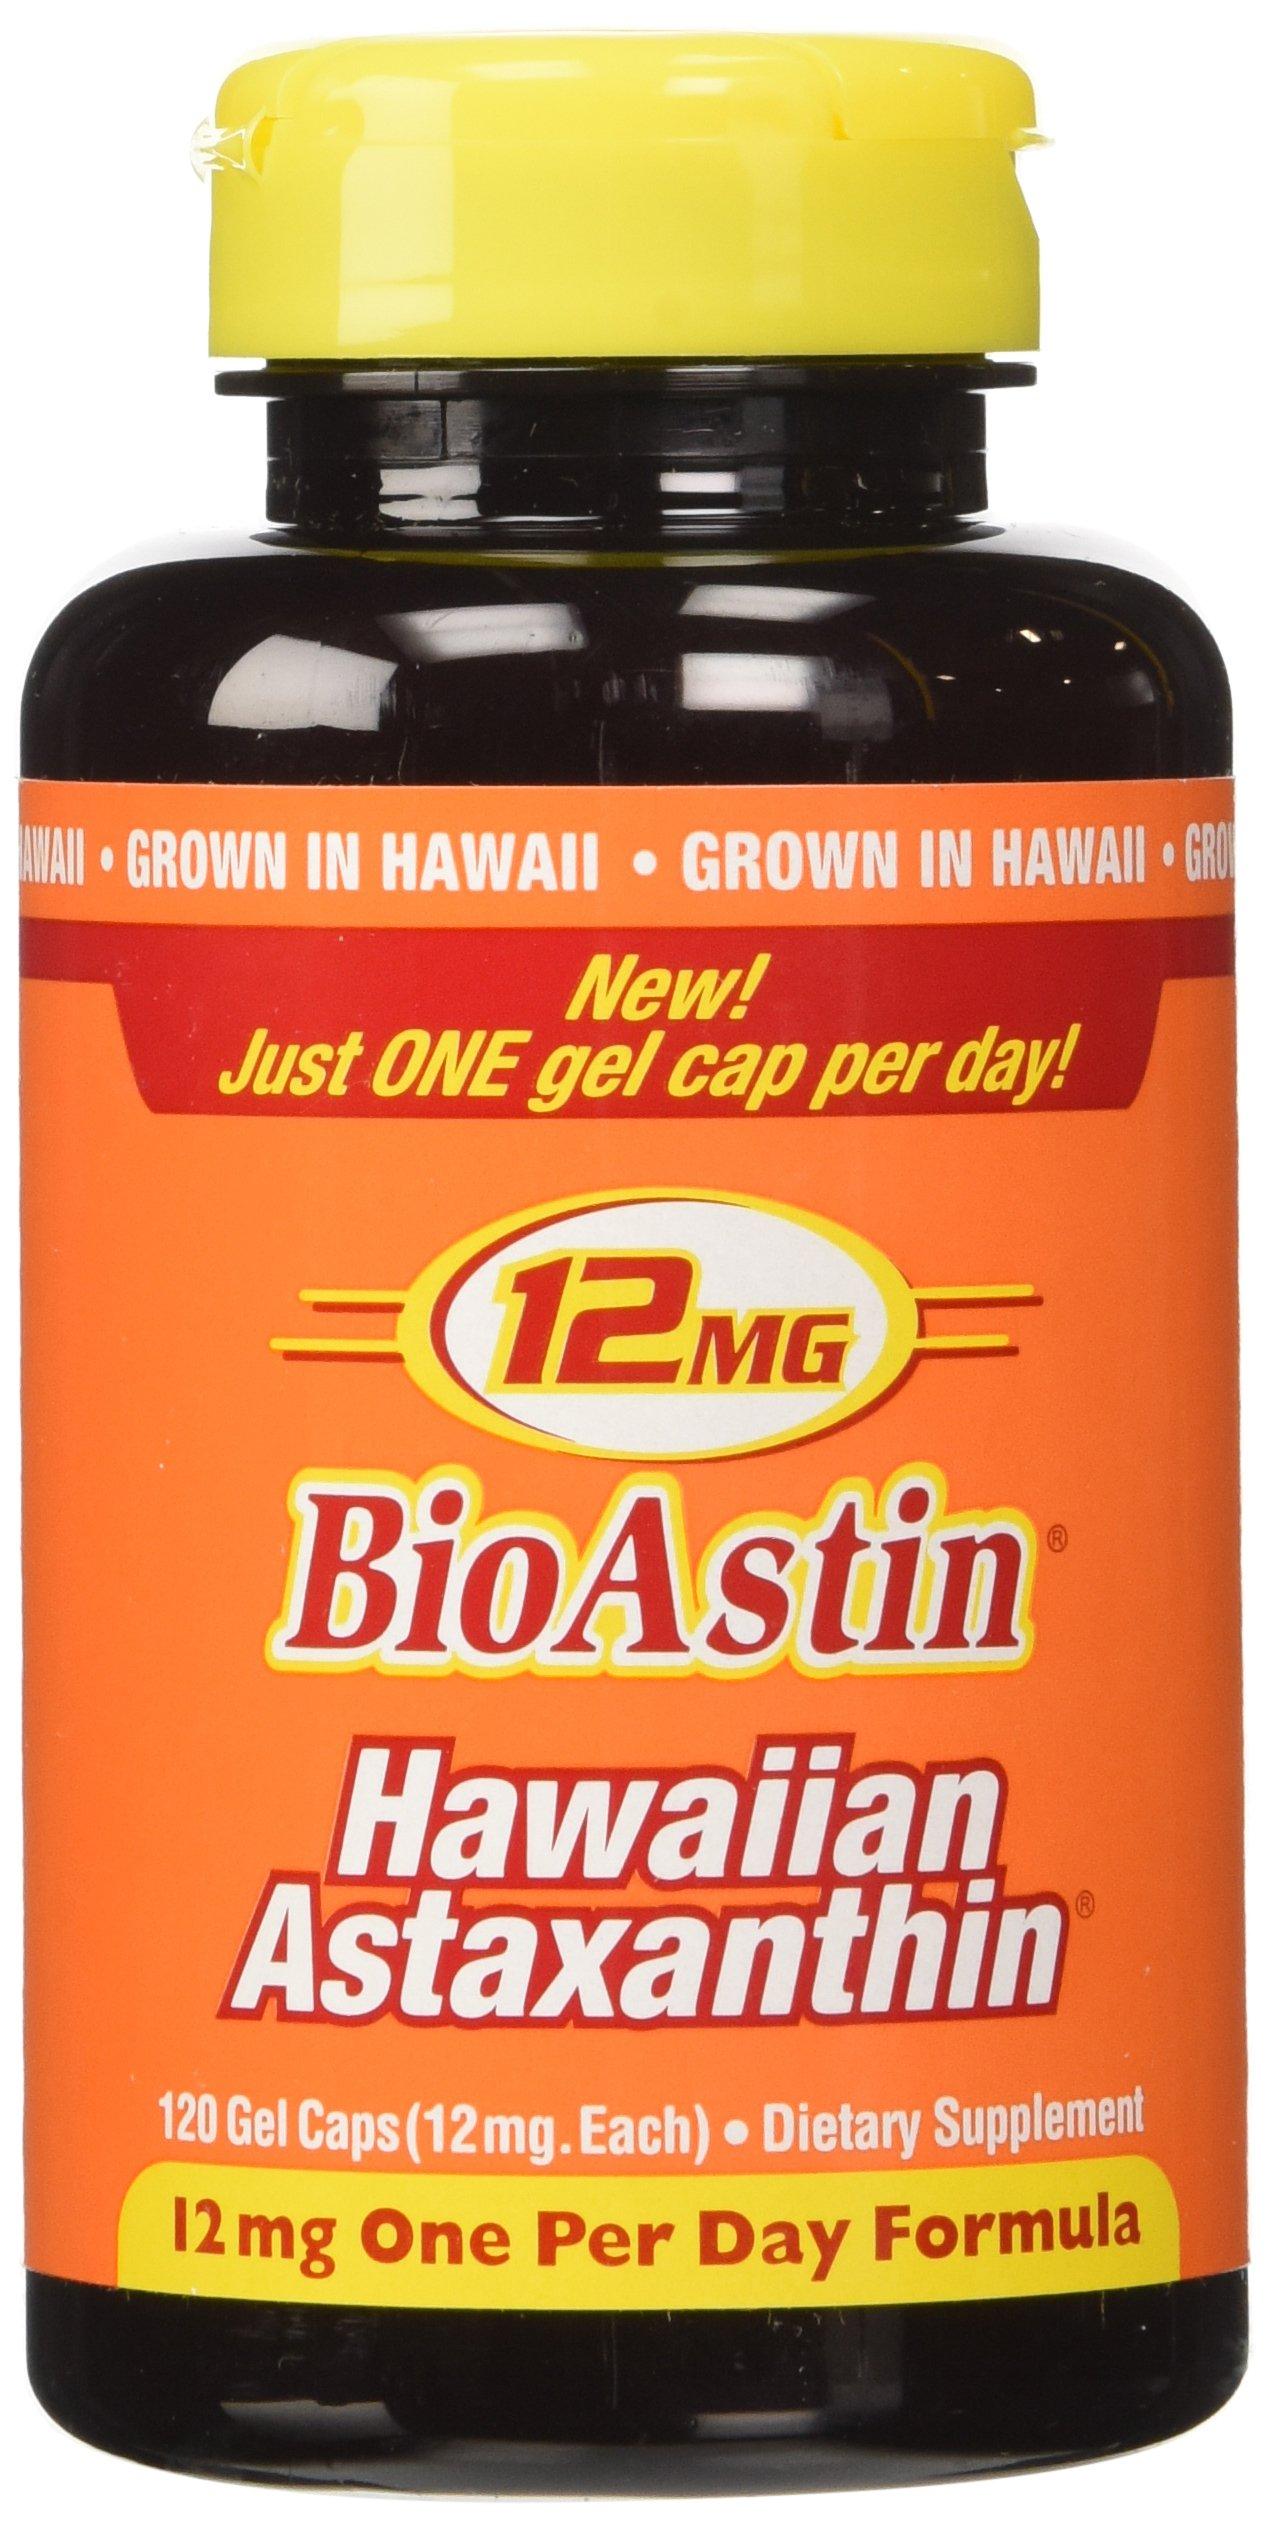 Nutrex Hawaii Bioastin Hawaiin Astaxanthin 12mg - 2 Bottles, 120 Gel Caps Each